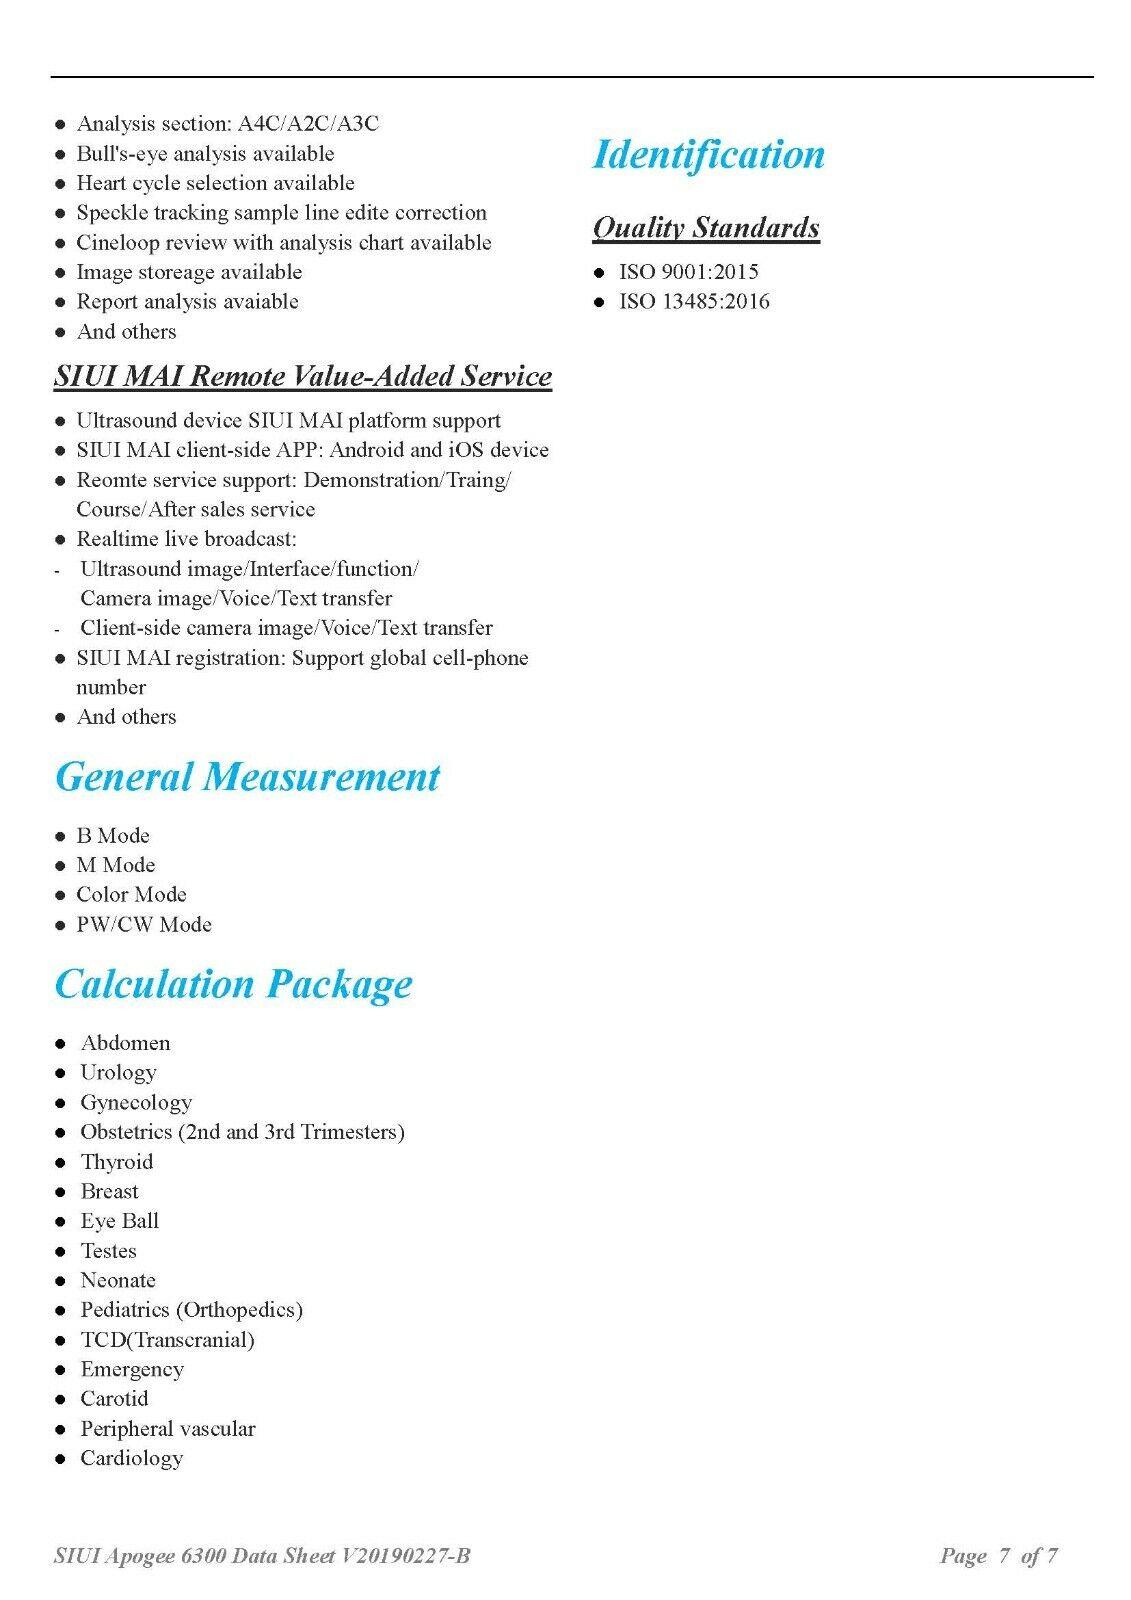 NEW ULTRASOUND MACHINE SIUI APOGEE 6300 W/ 2 PROBES (DICOM) (NEW)